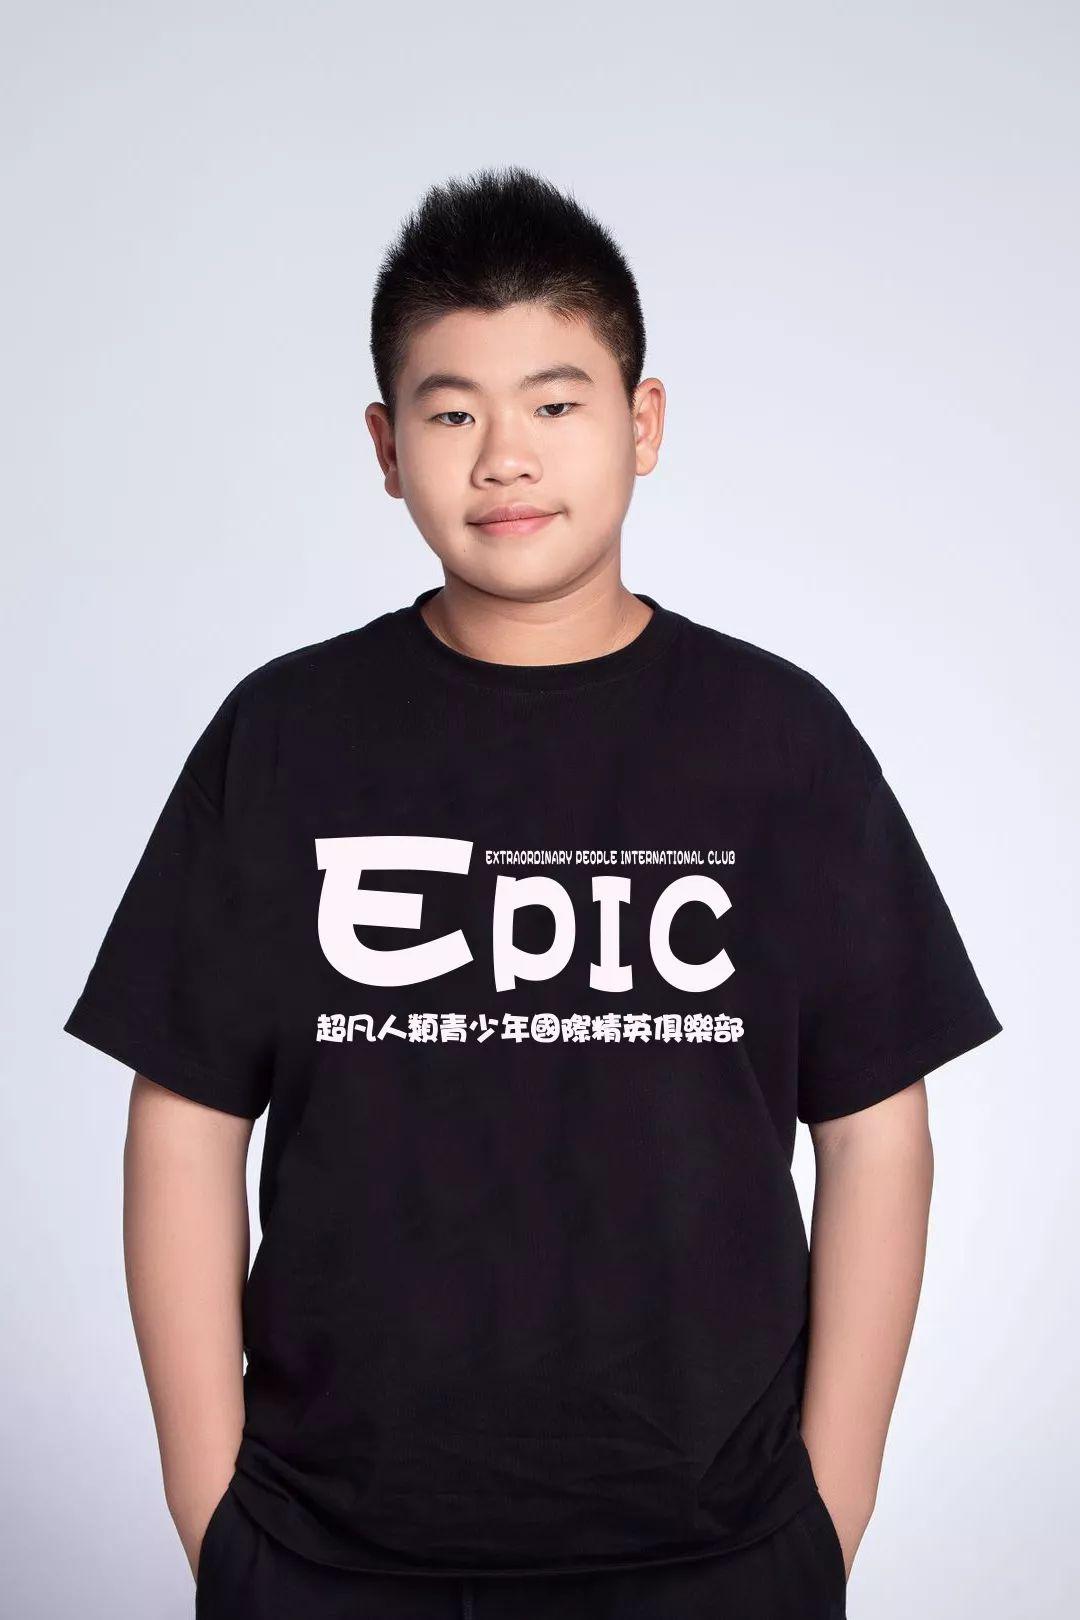 【超凡人类】13岁的创始人王禹焯美国游学那些事儿插图